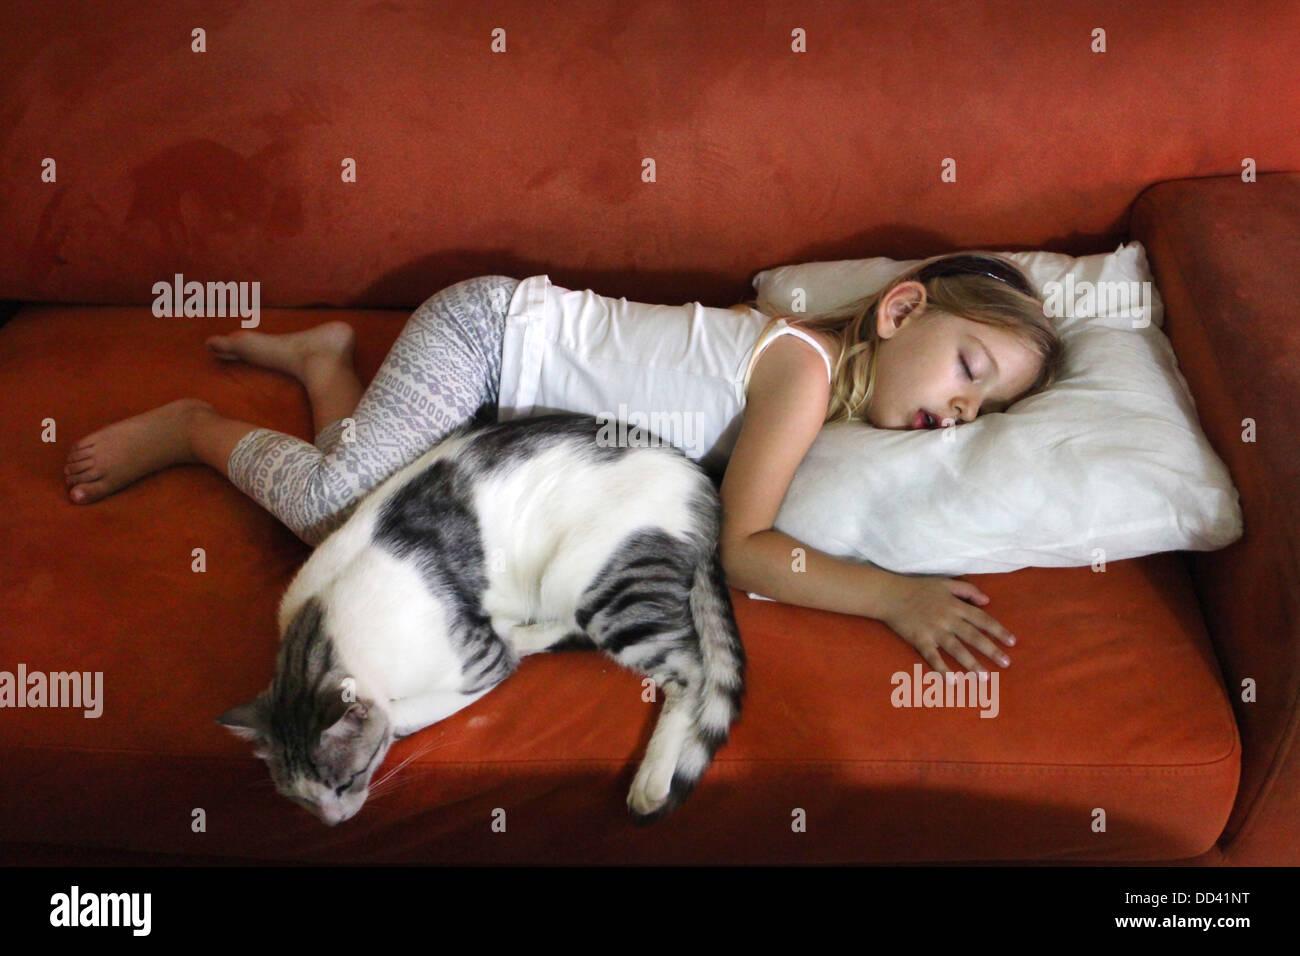 junges m dchen und eine katze schlafen auf dem sofa modell release verf gbar stockfoto bild. Black Bedroom Furniture Sets. Home Design Ideas